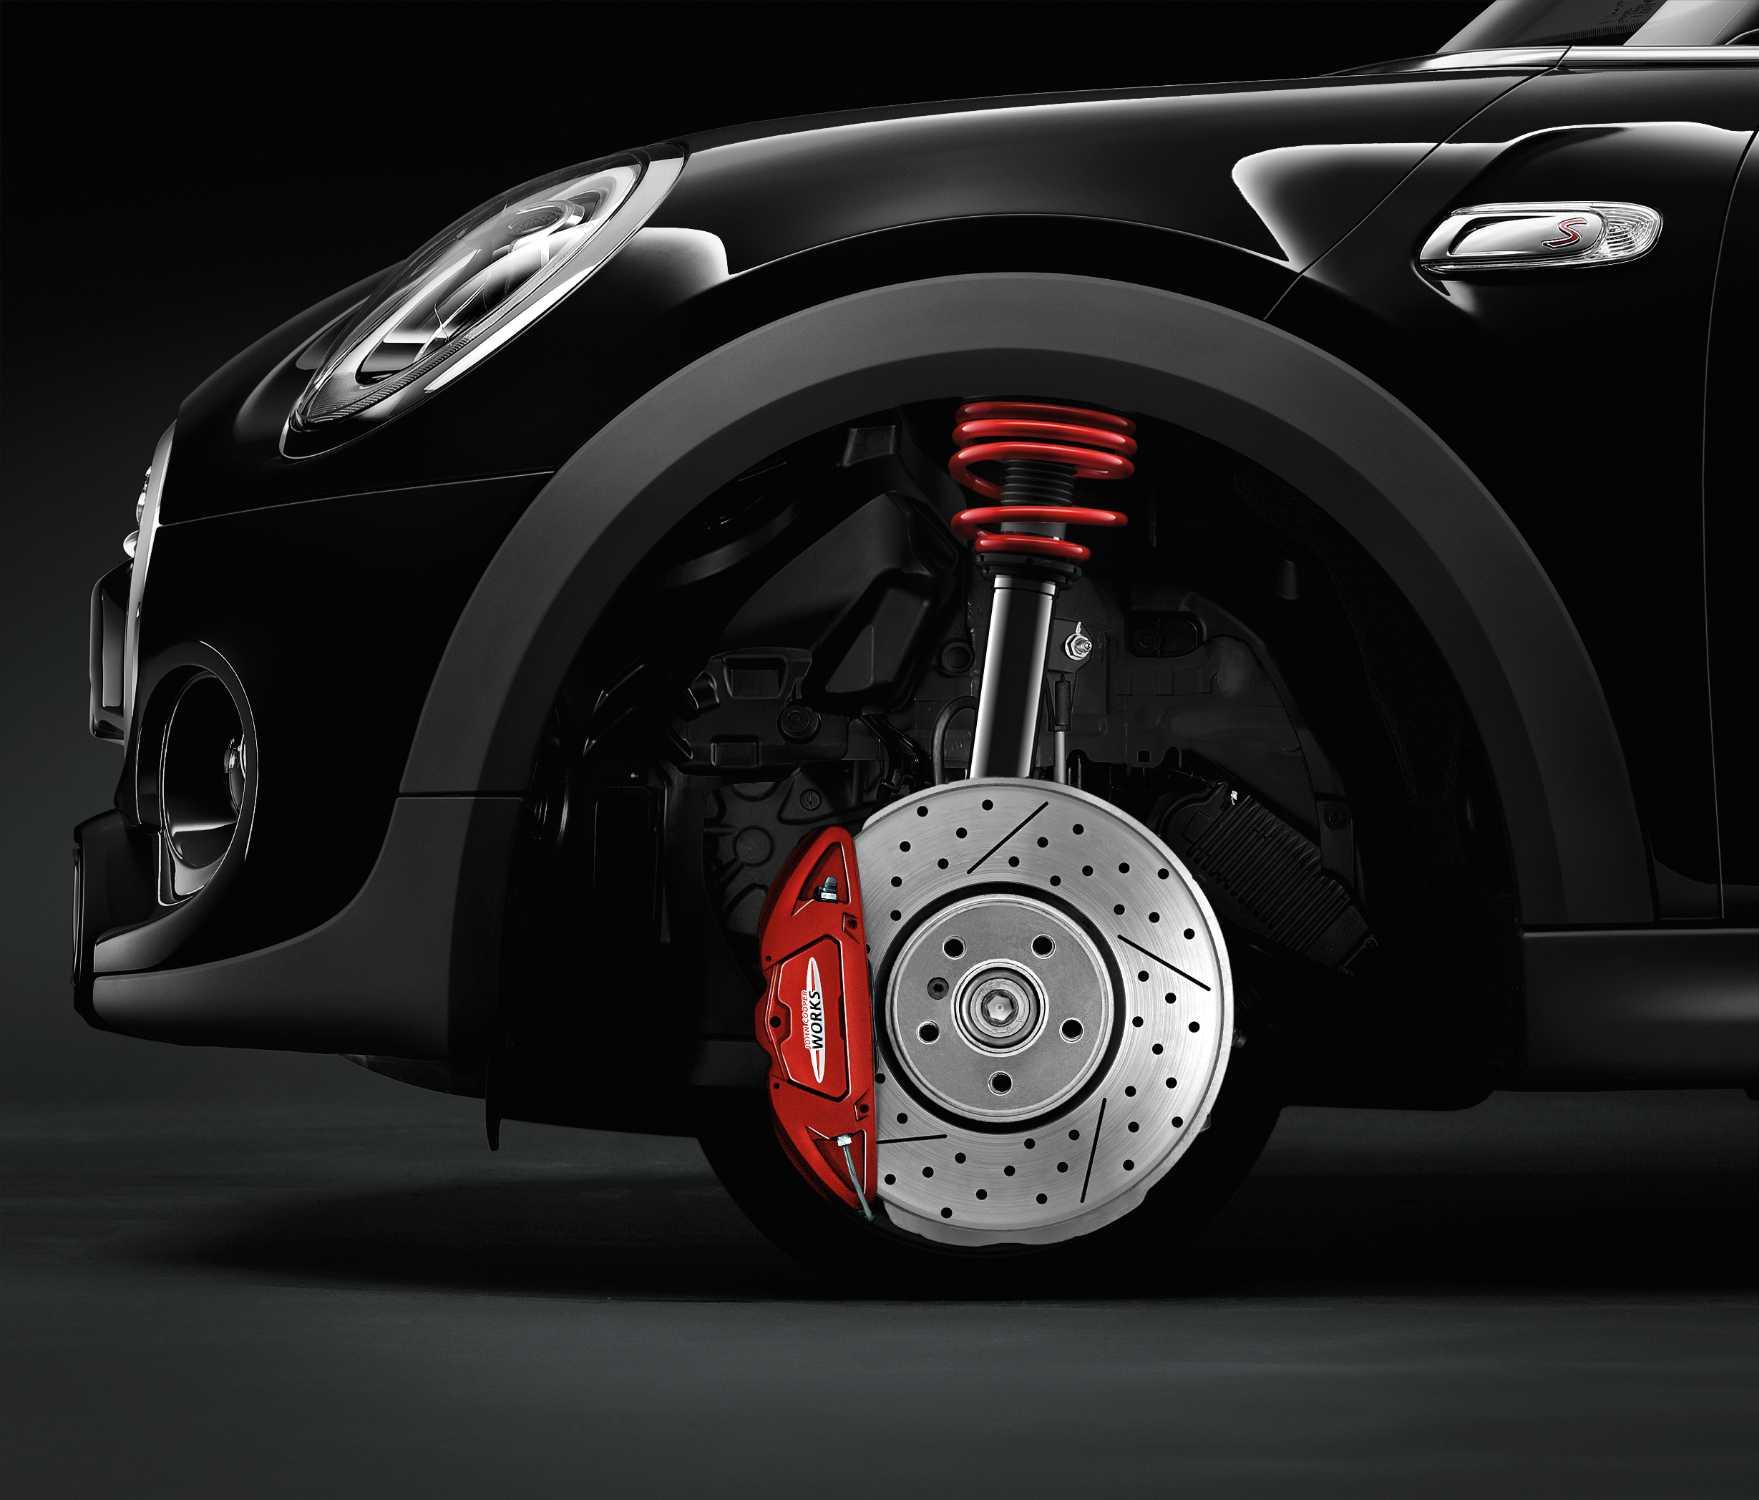 Mini Cooper 3 Door Price In Uae: MINI Cooper S 3 Door With John Cooper Works Sport Brake